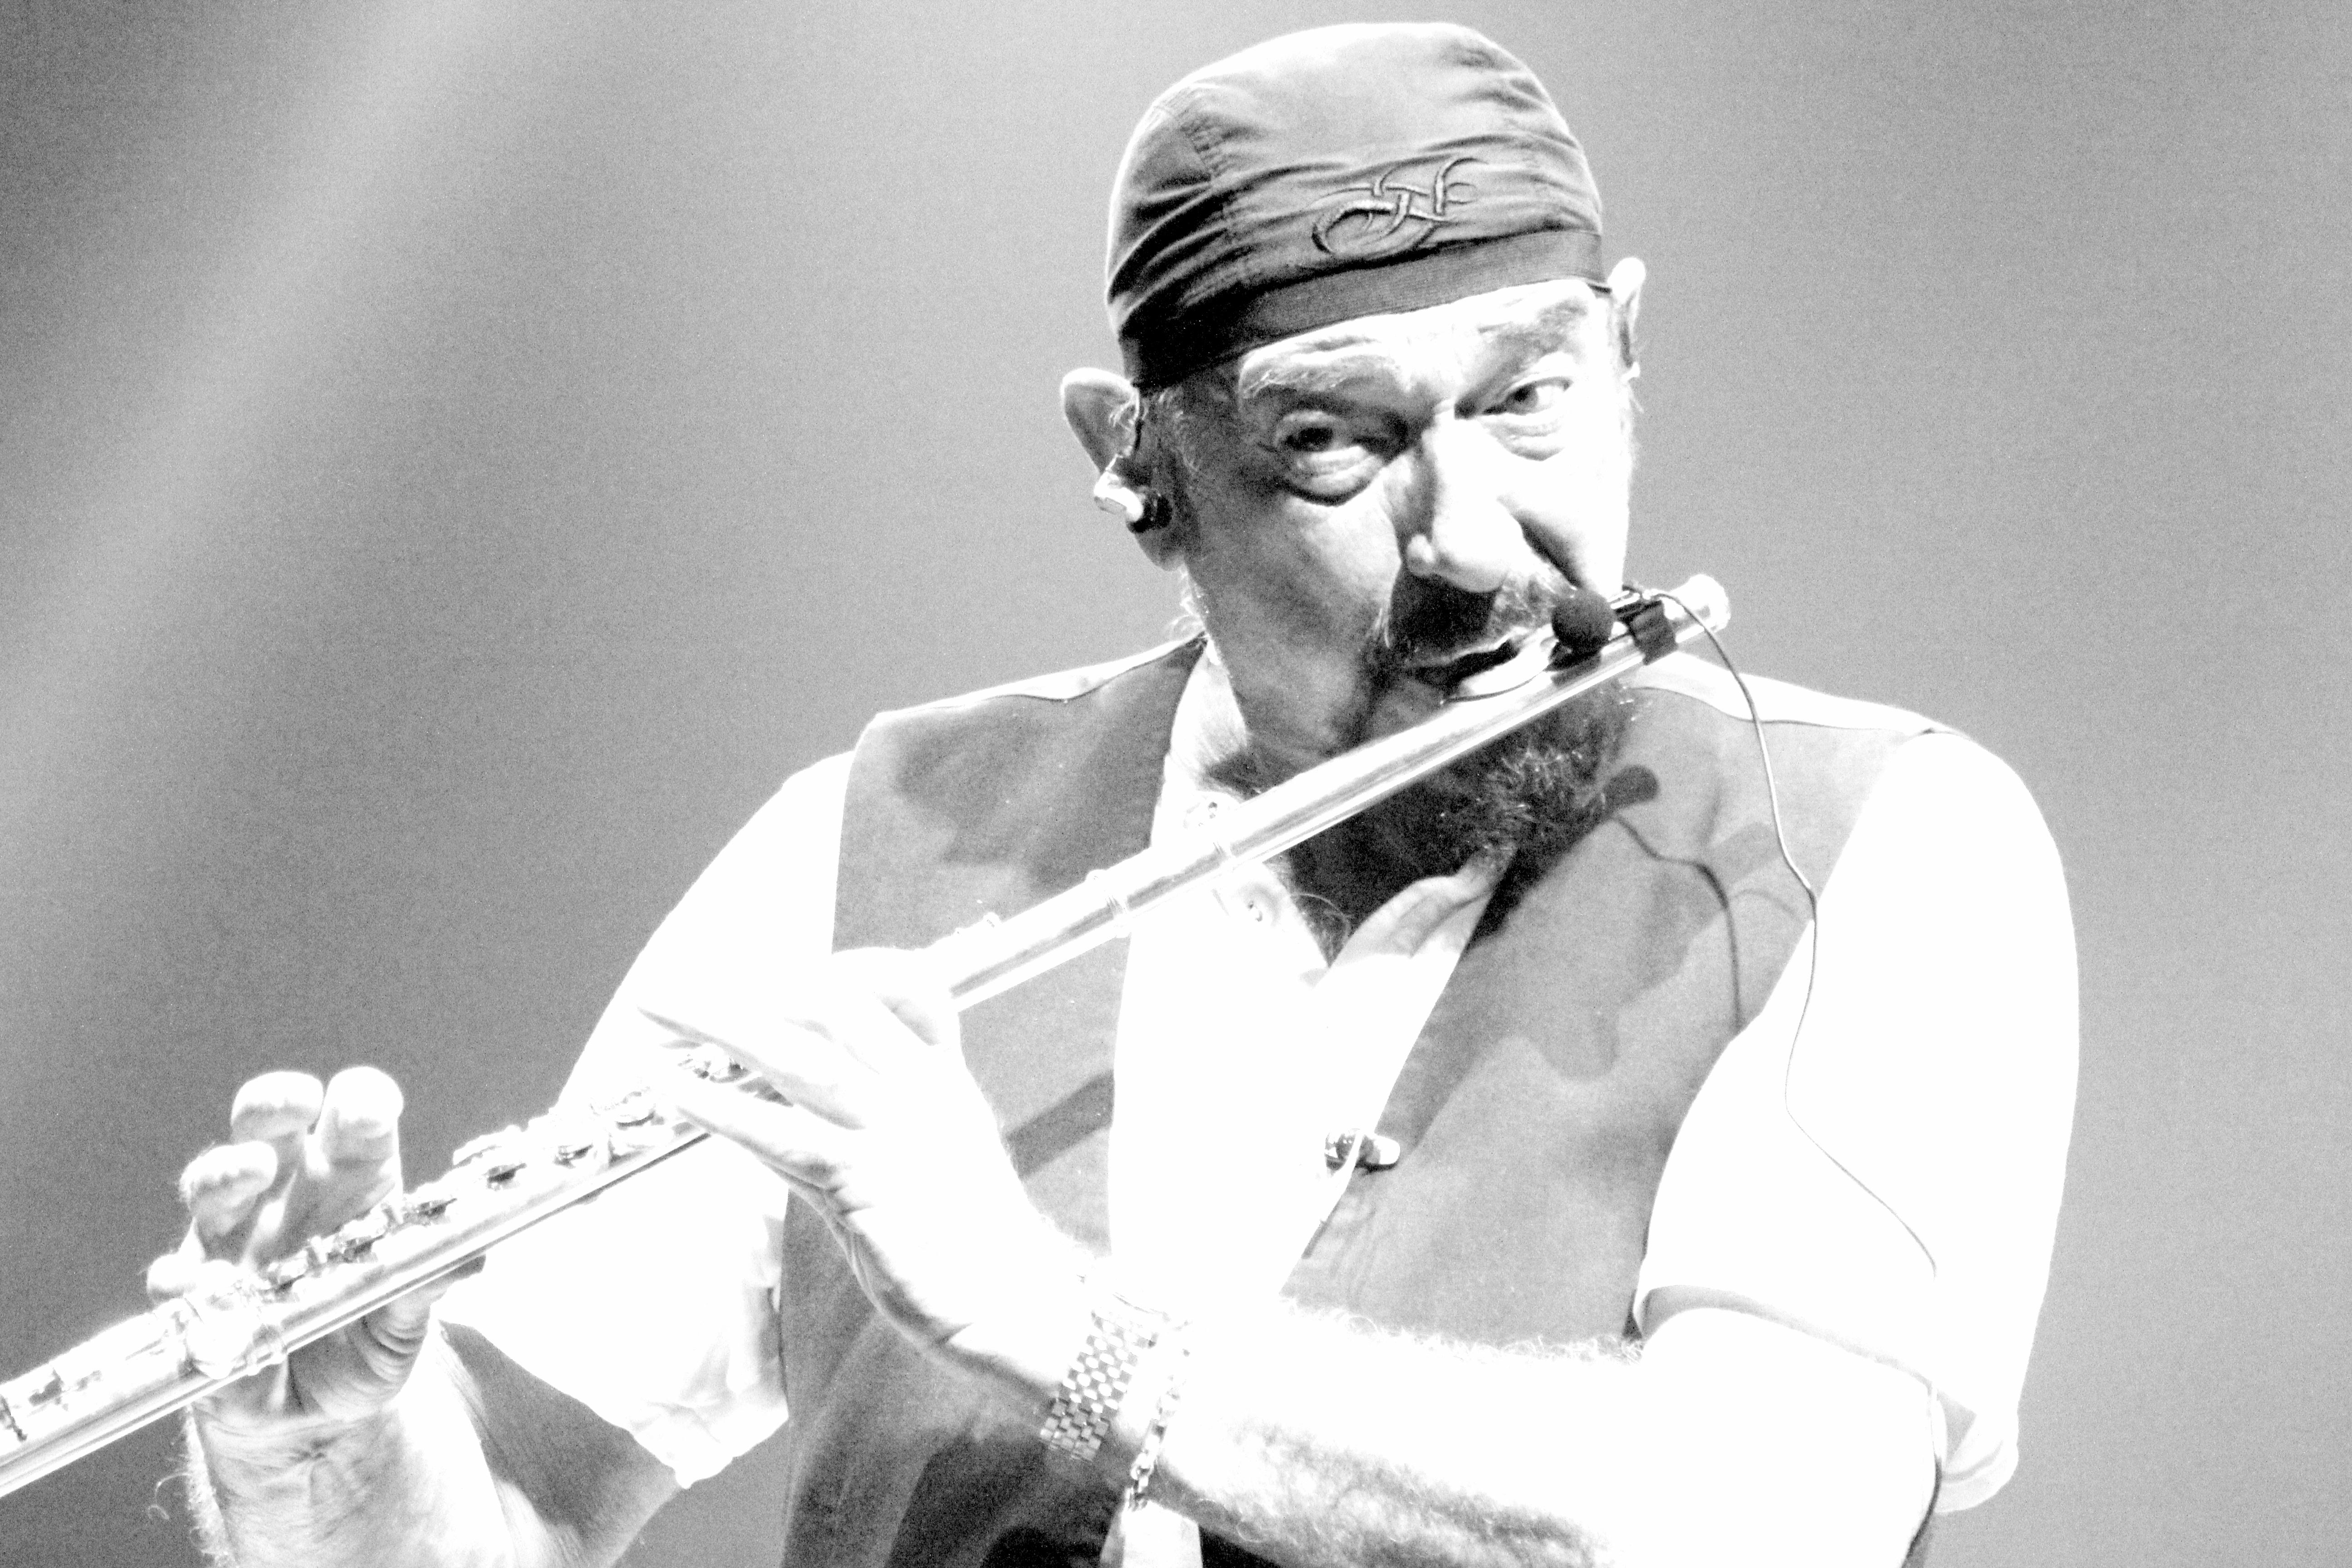 Anderson en vivo en 2014